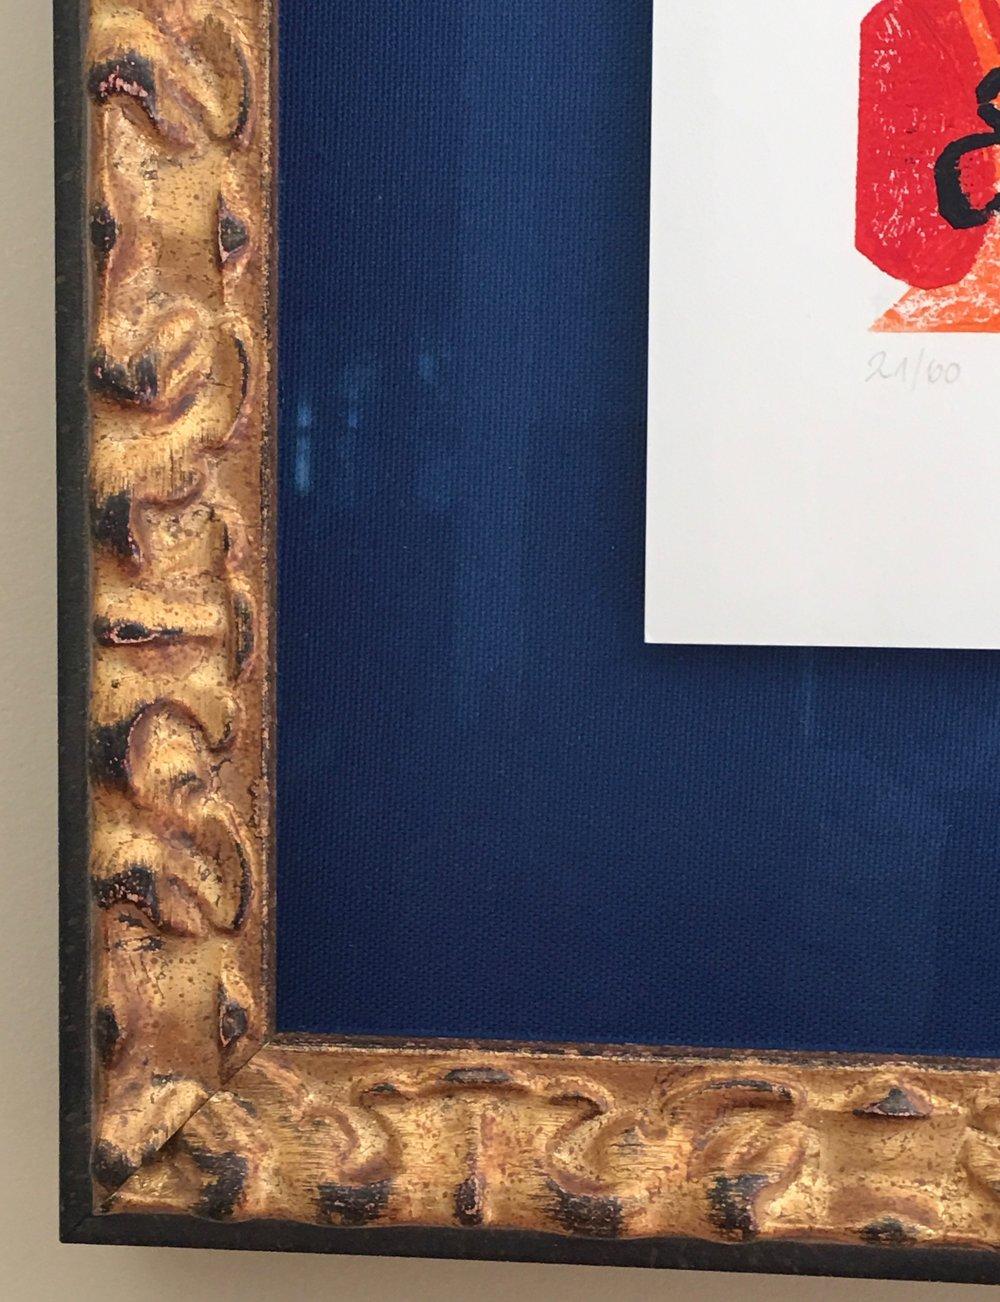 Cristian Korn gilded frame detail.